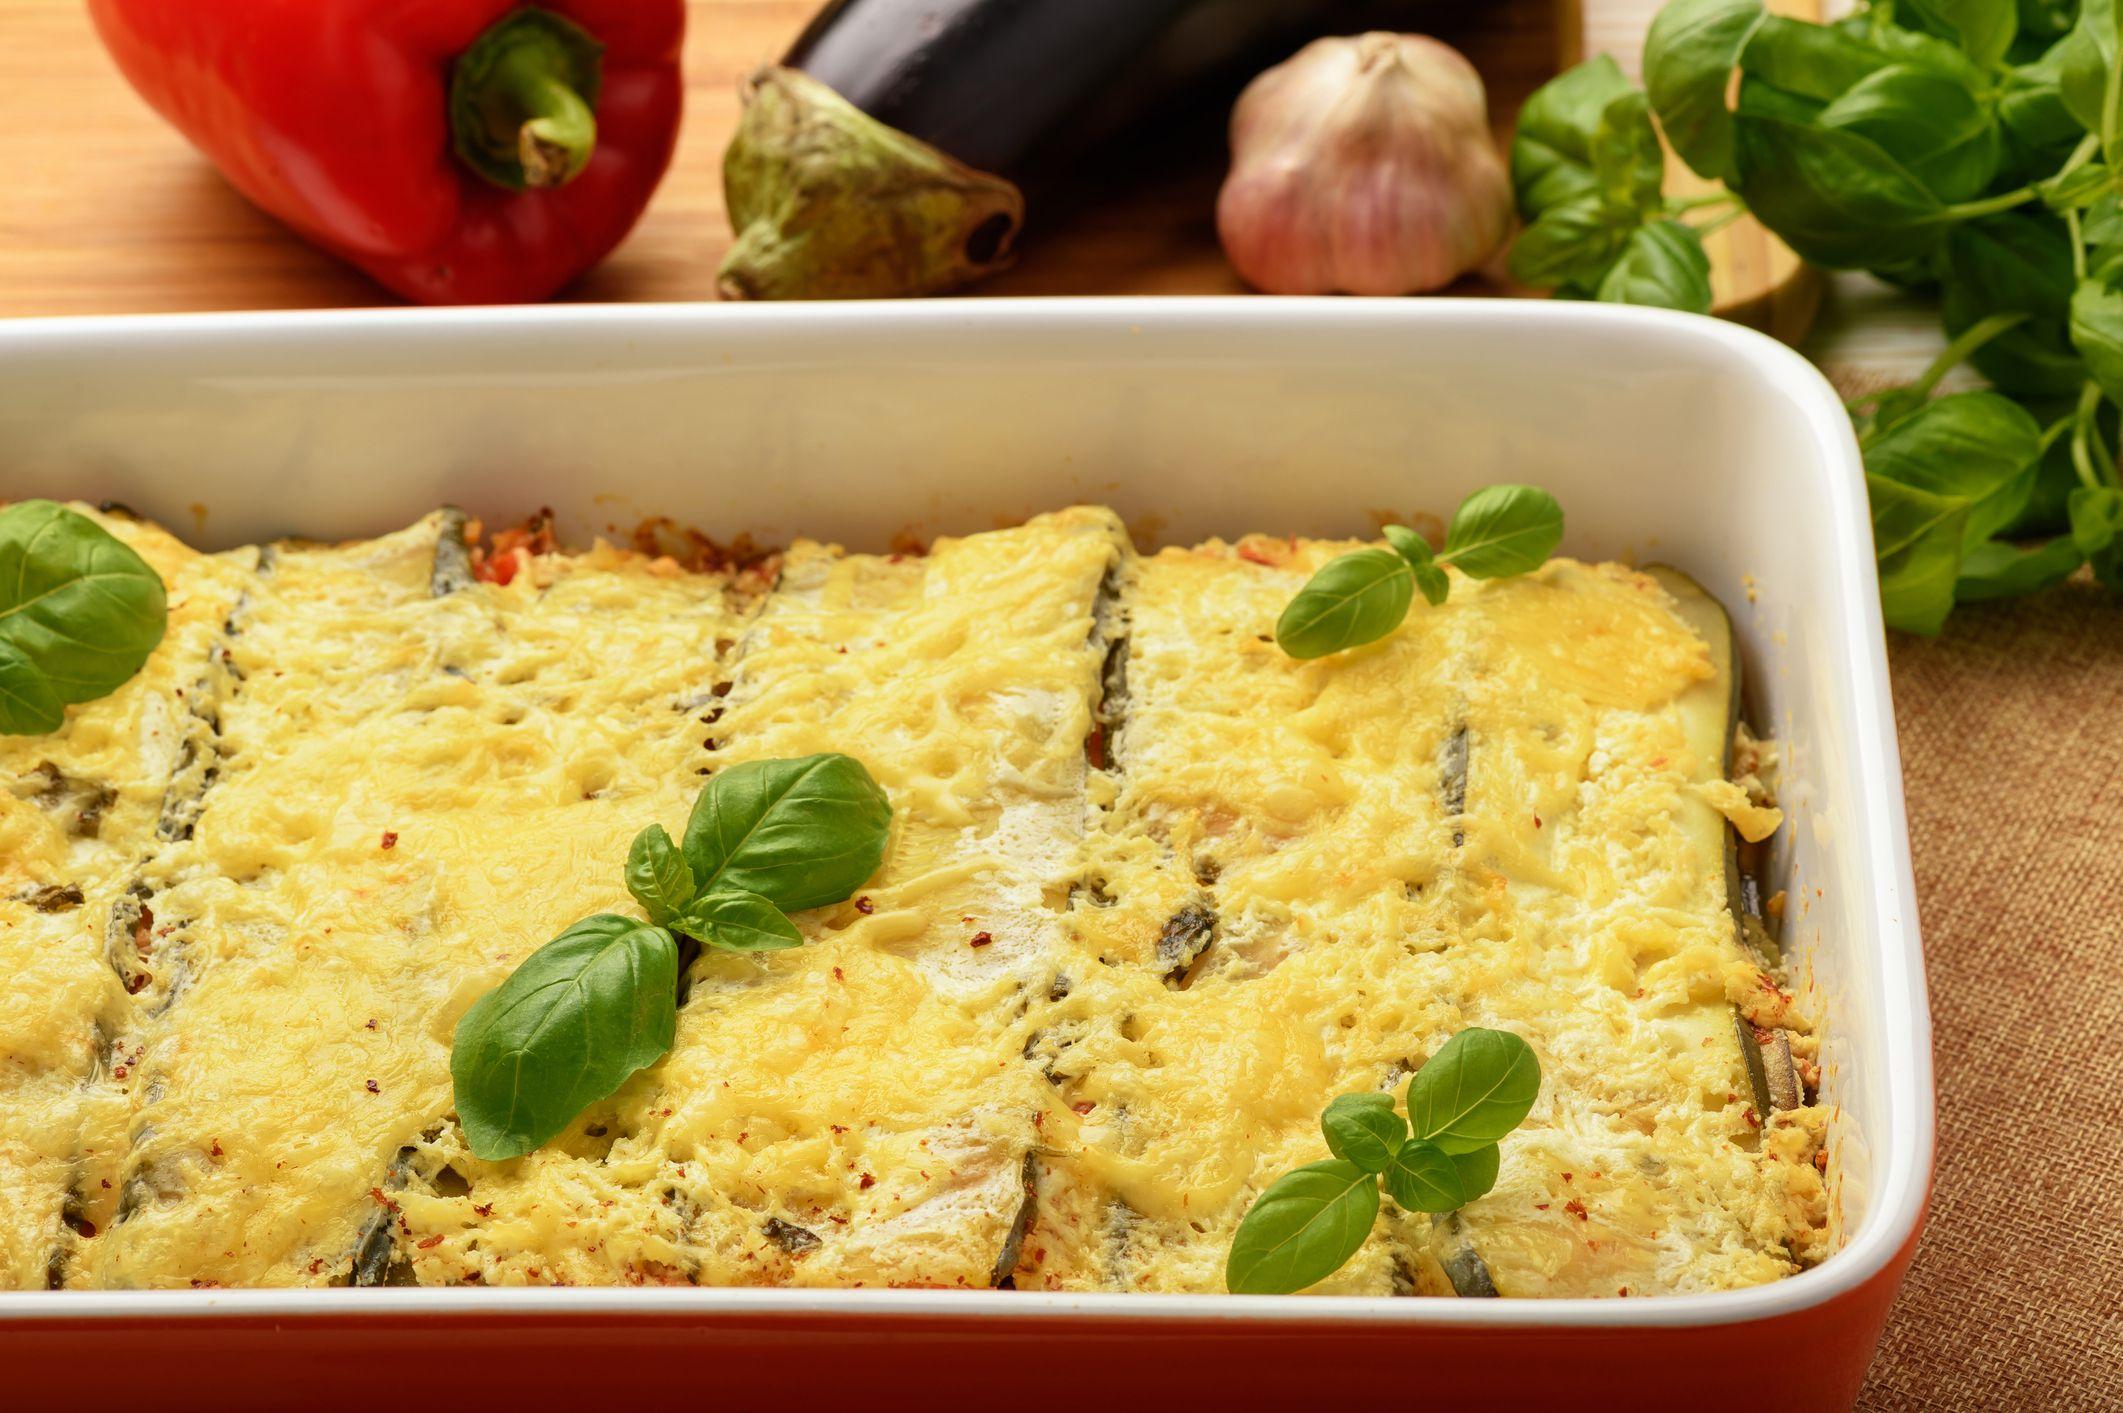 Healthy Eggplant and Chicken Lasagna